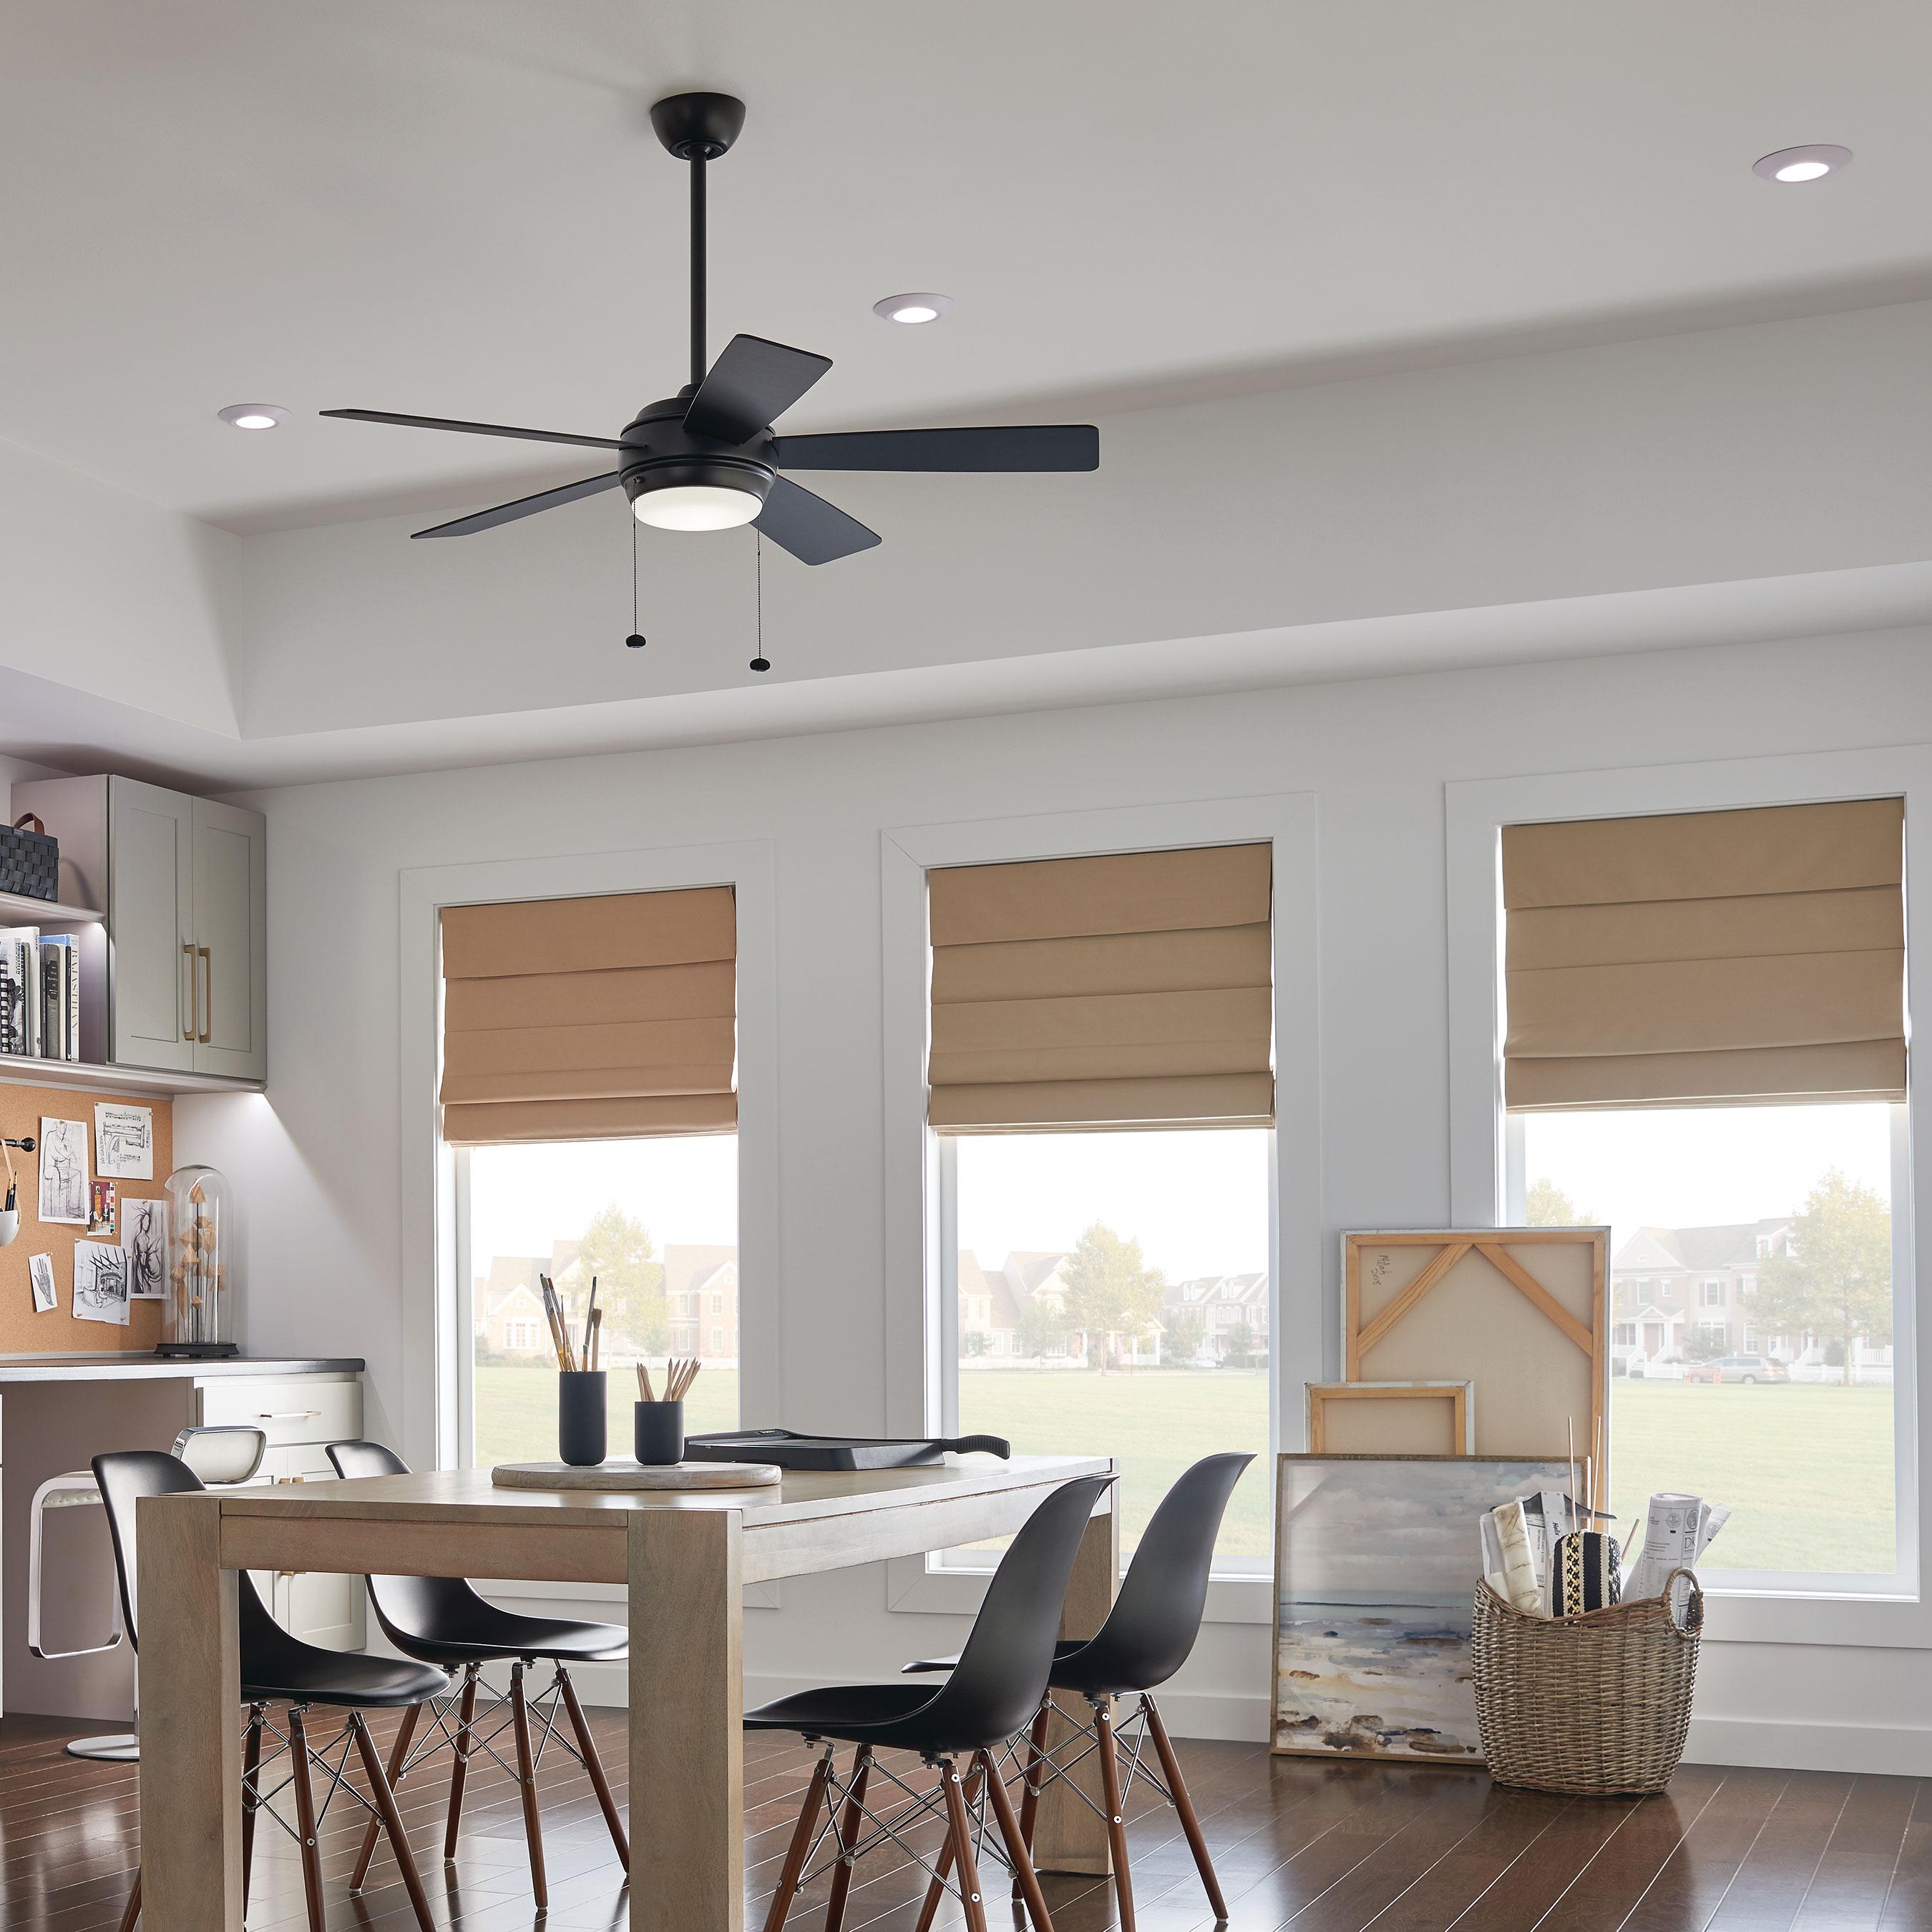 Kichler® Starkk LED Ceiling Fan